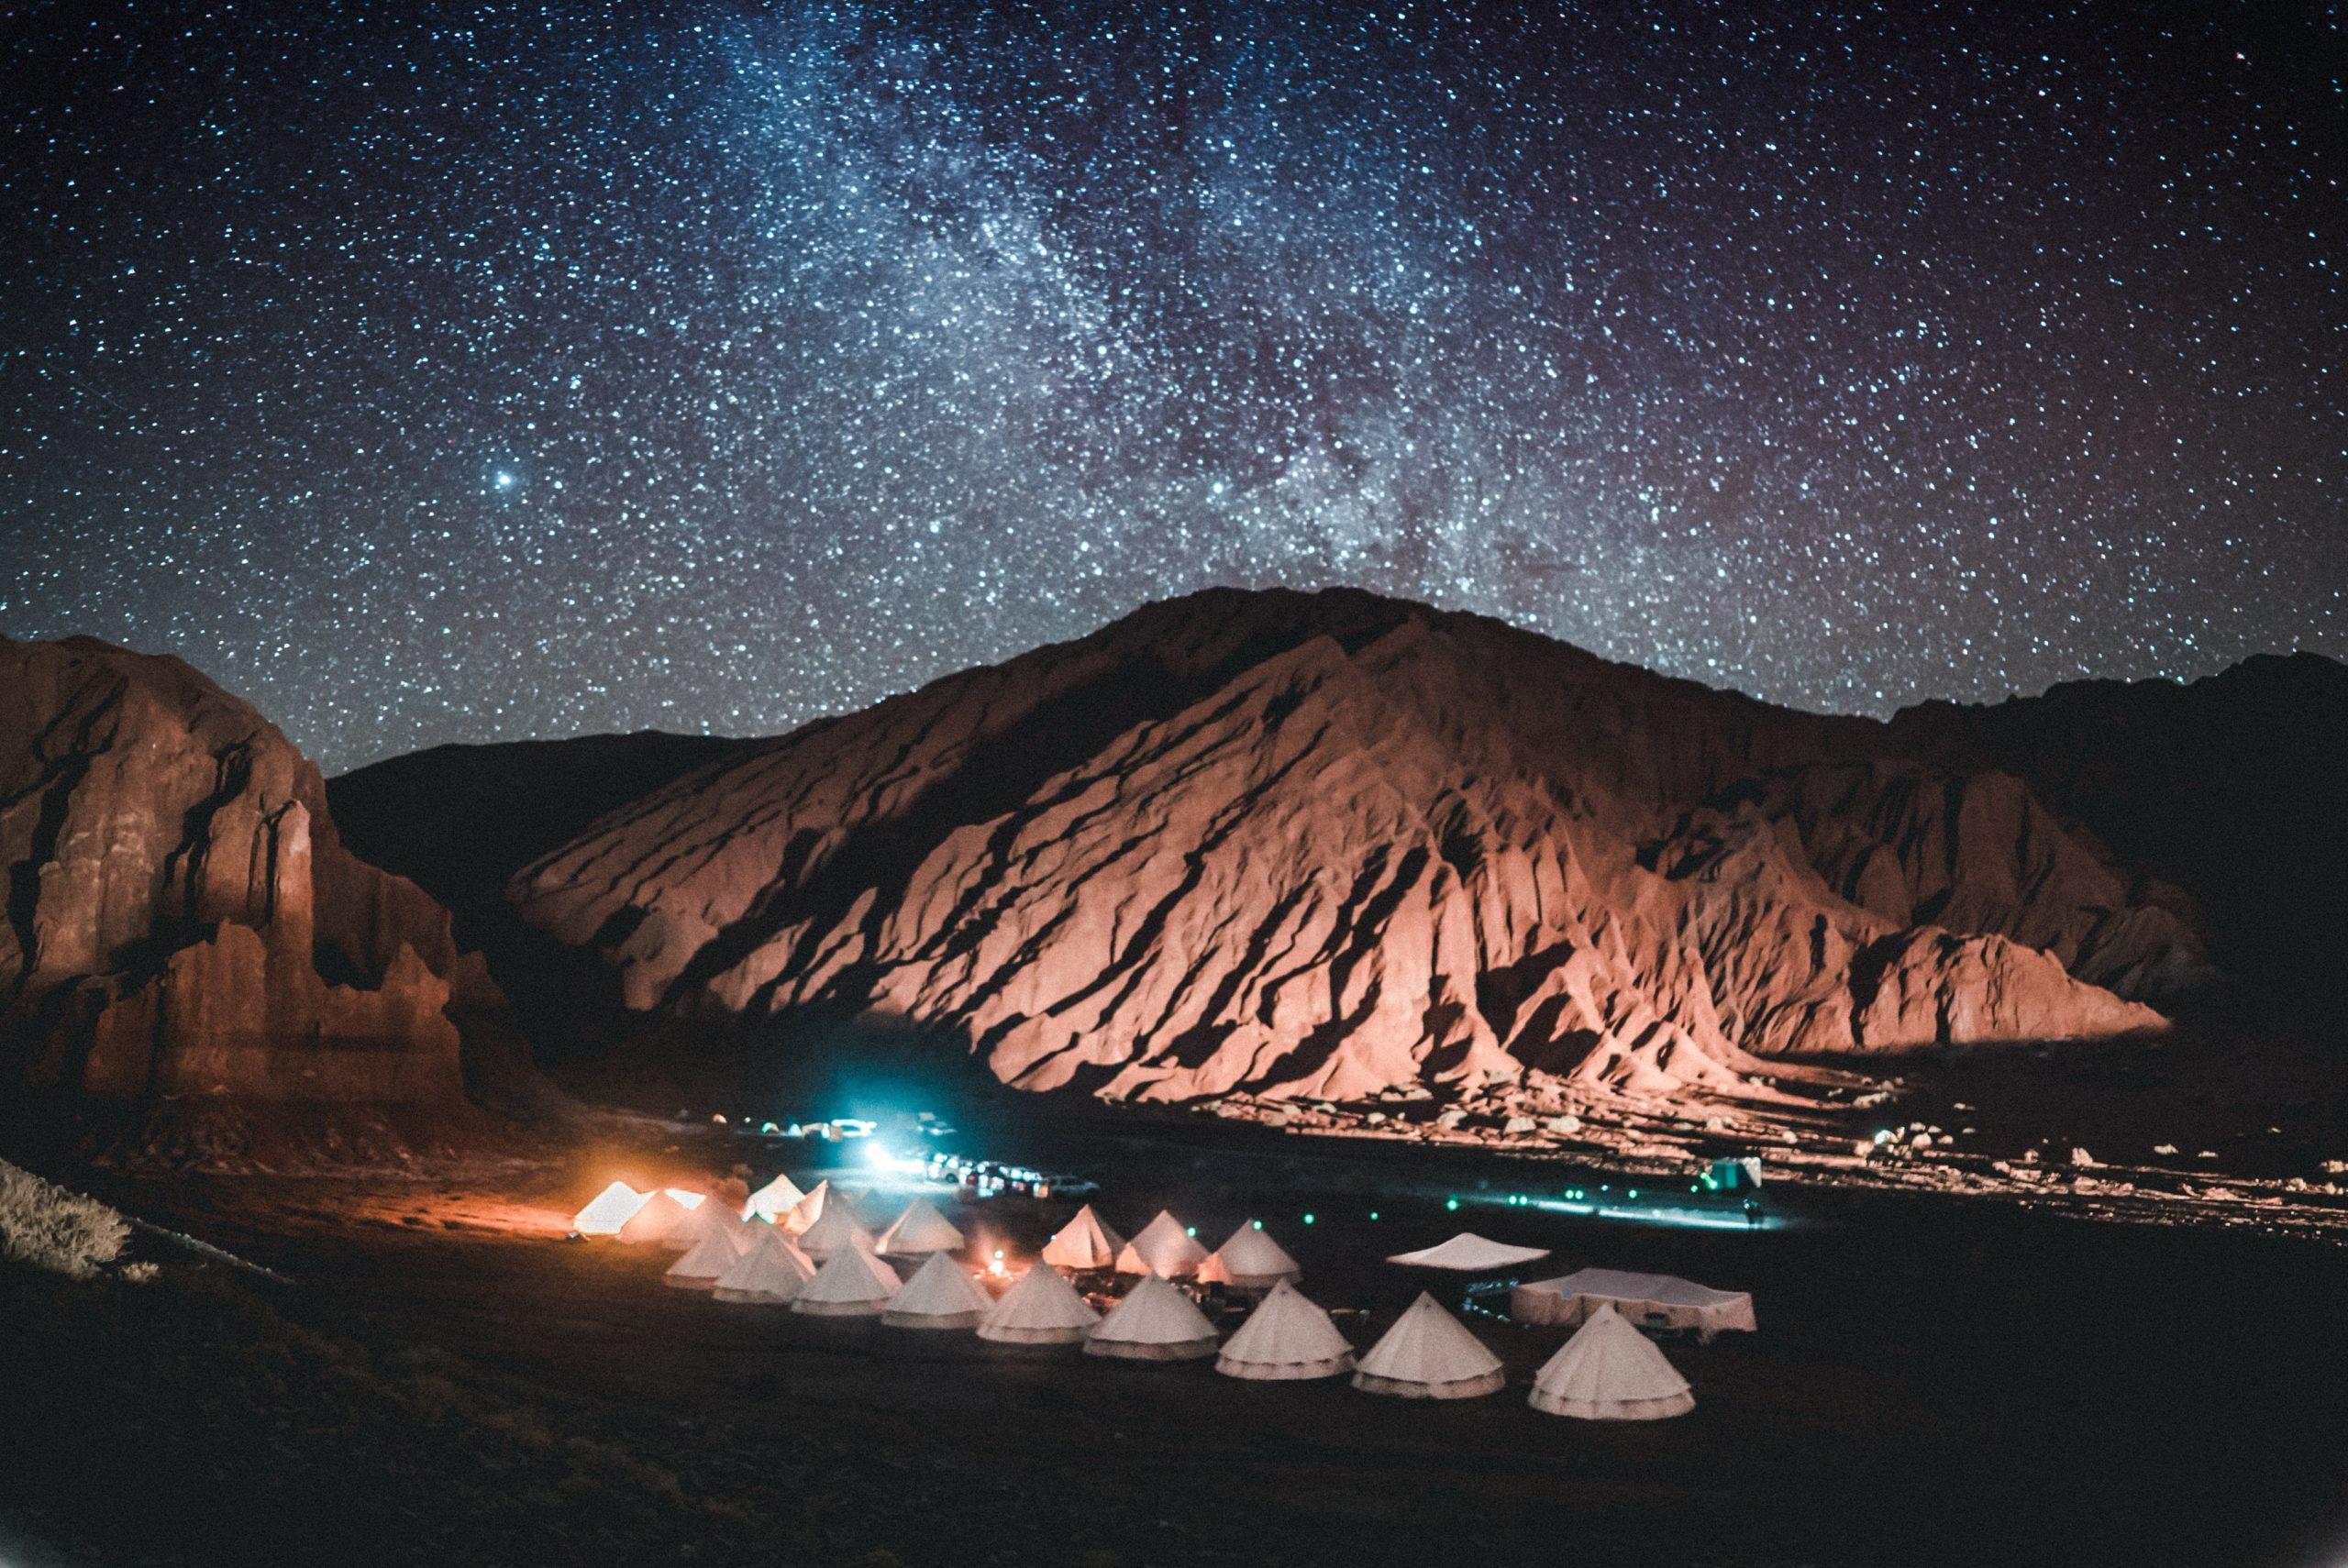 أفضل الأماكن لمشاهدة النجوم حول العالم